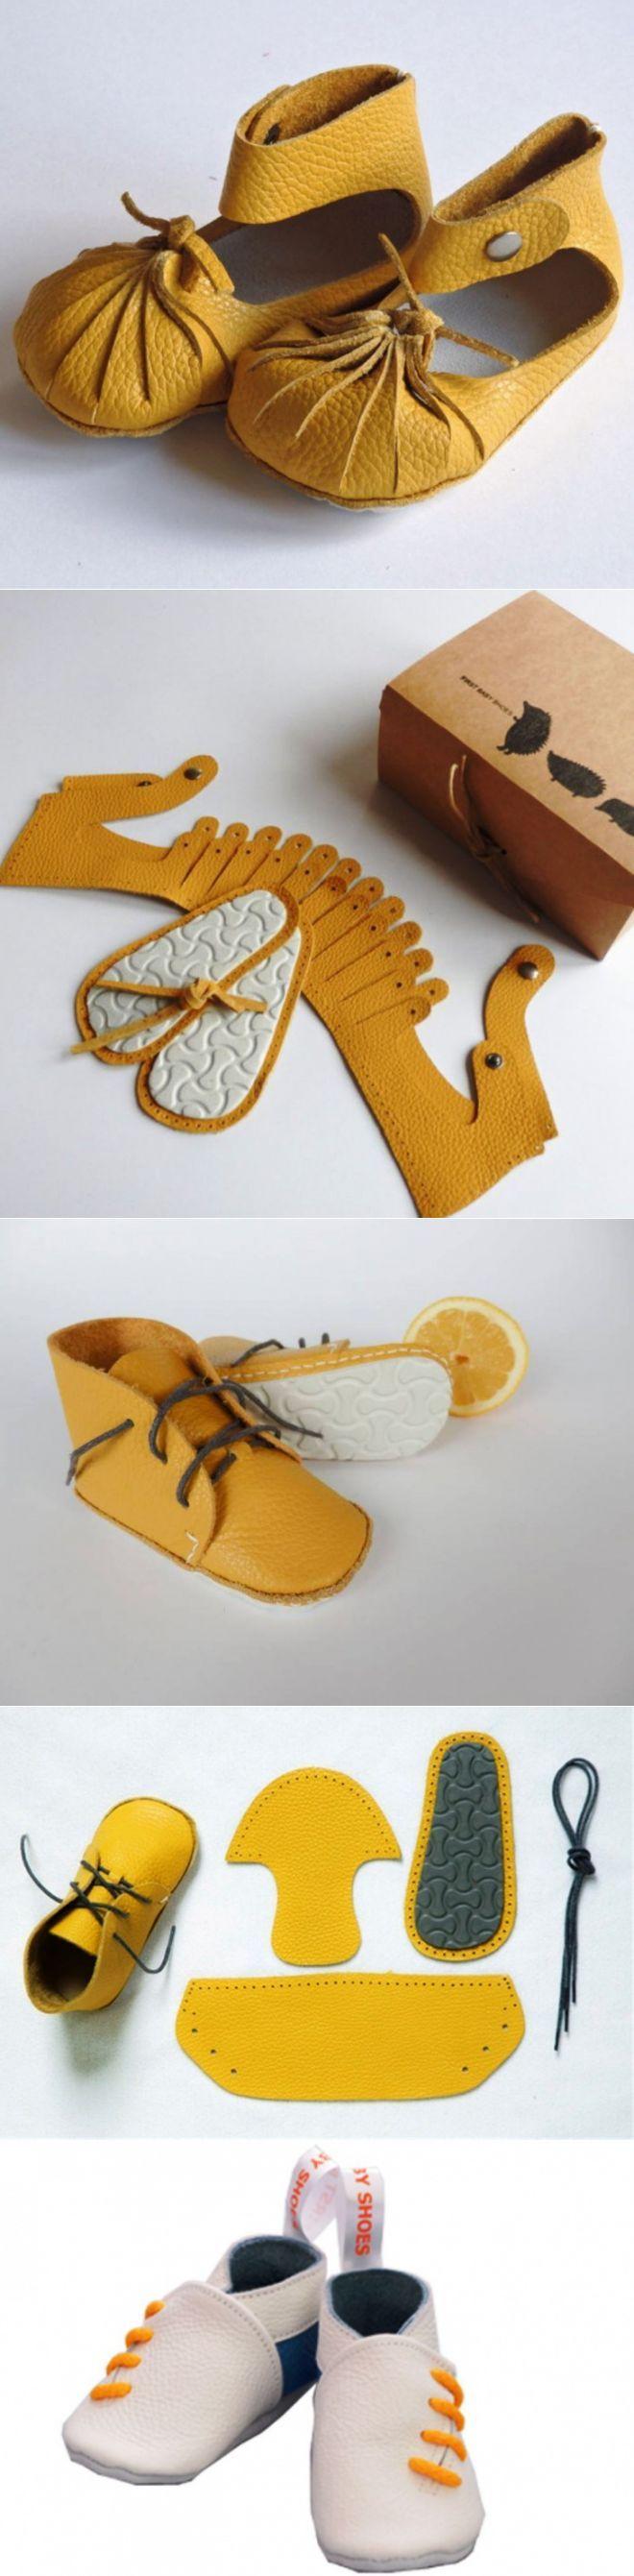 First Baby Shoes - сделай сам (DIY, видео) / Для детей / Своими руками - выкройки, переделка одежды, декор интерьера своими руками - от ВТОРАЯ УЛИЦА